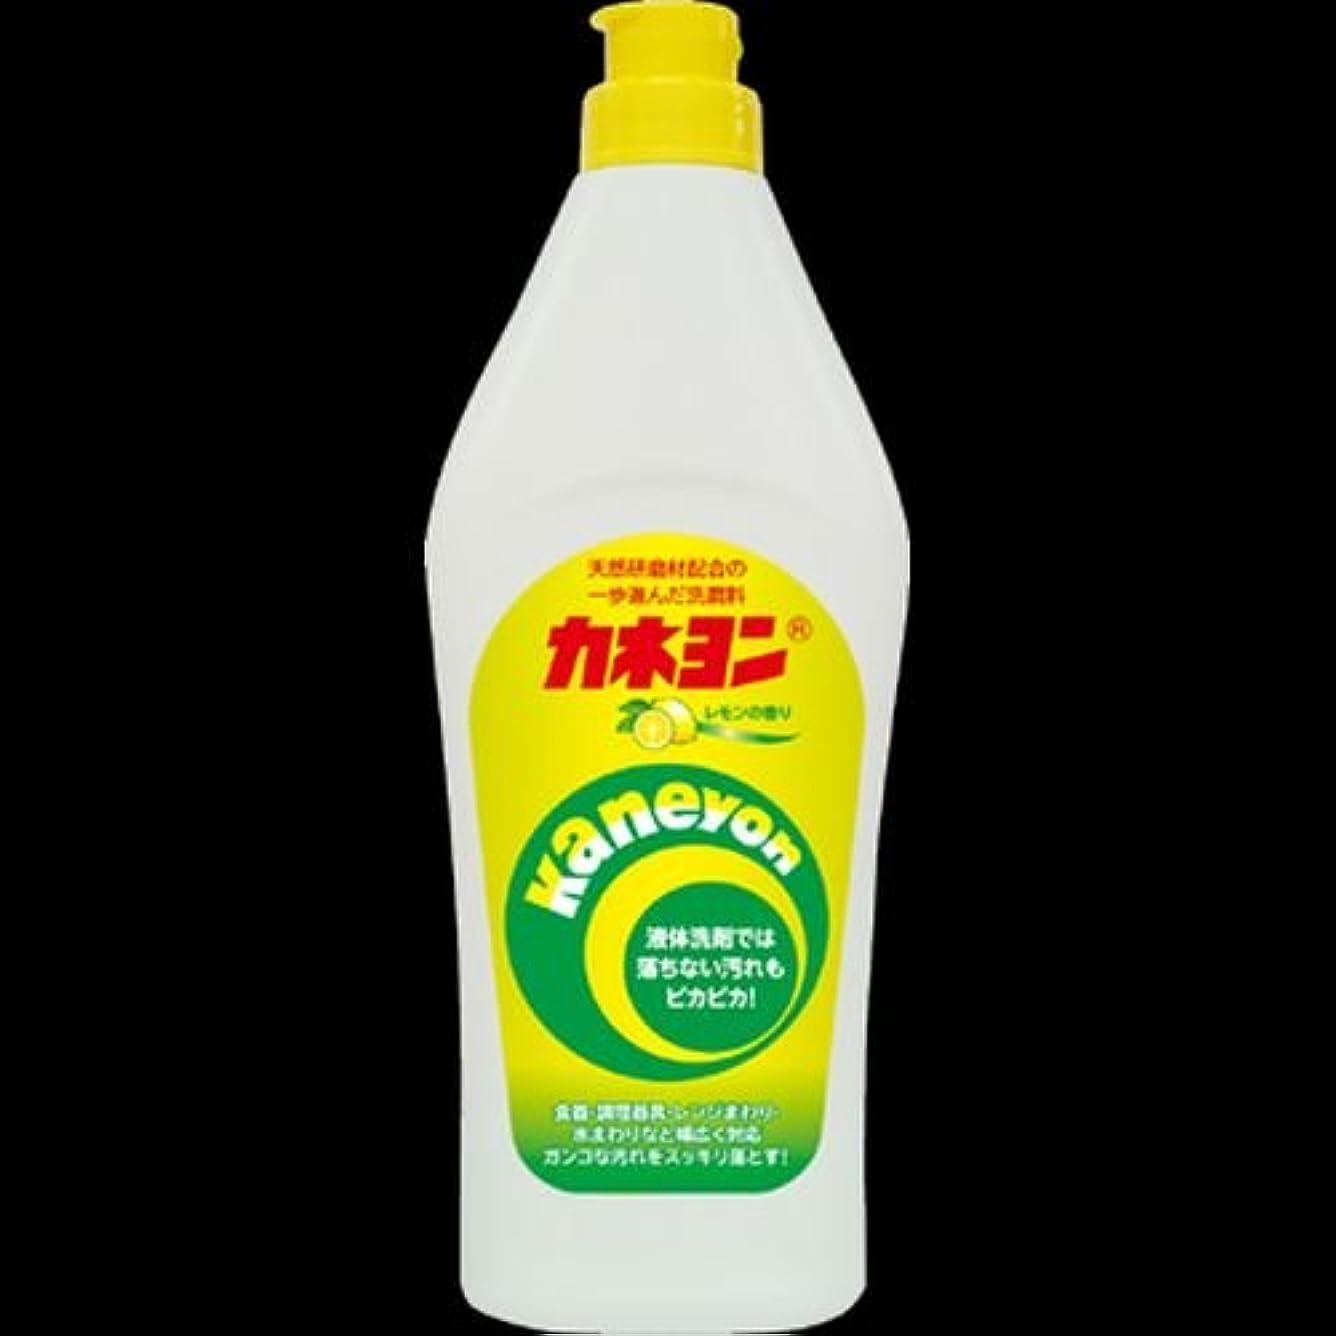 図純粋な顧問【まとめ買い】カネヨ石鹸 カネヨンレモン 550g ×2セット